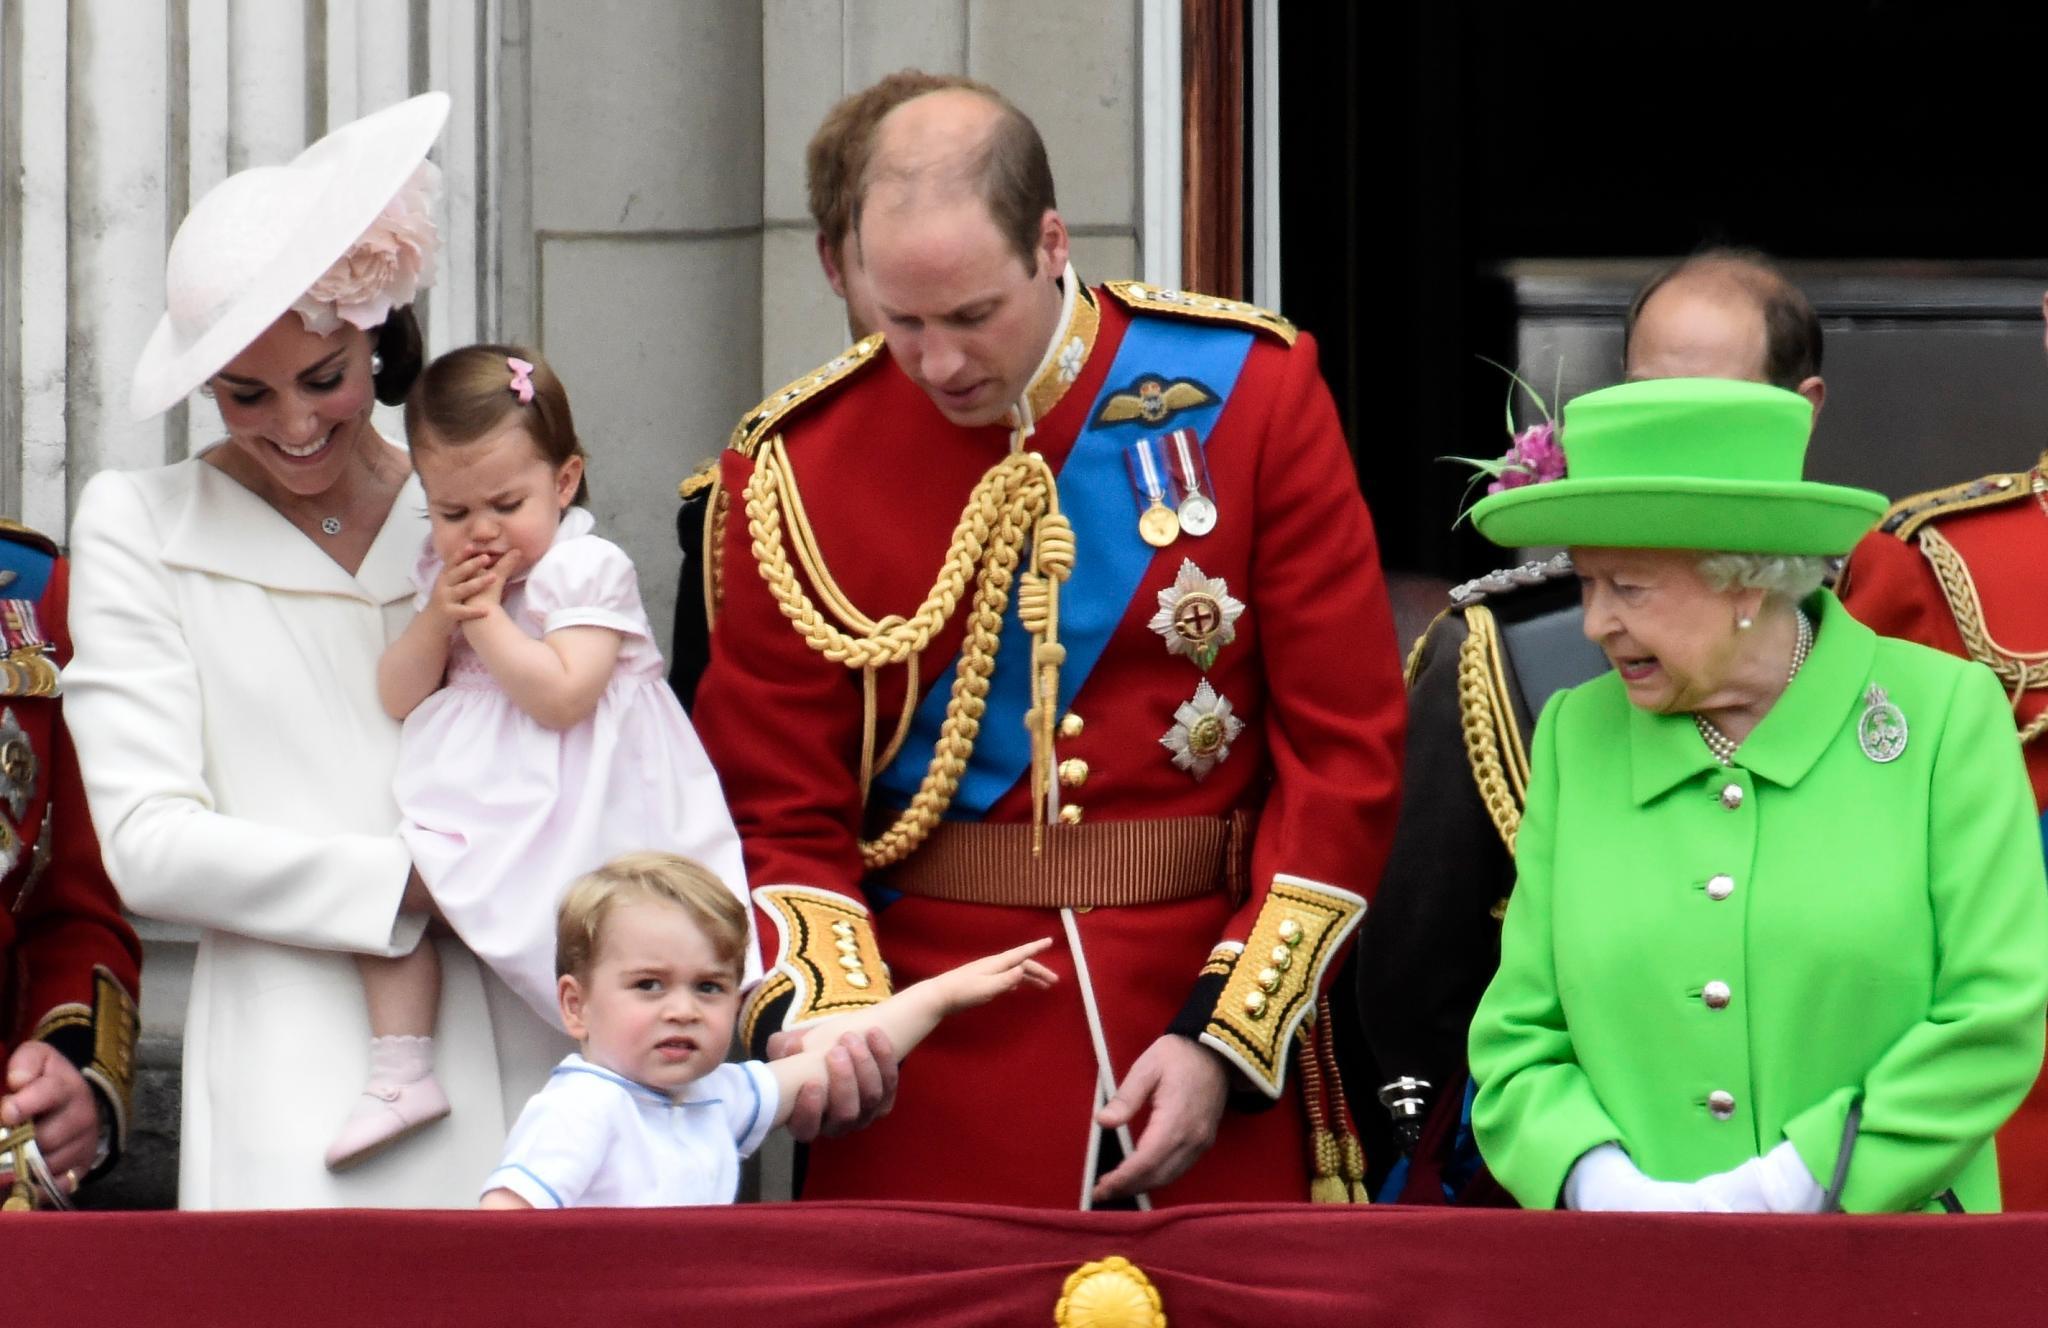 Herzogin Catherine, Prinzessin Charlotte, Prinz George, Prinz William, Queen Elizabeth